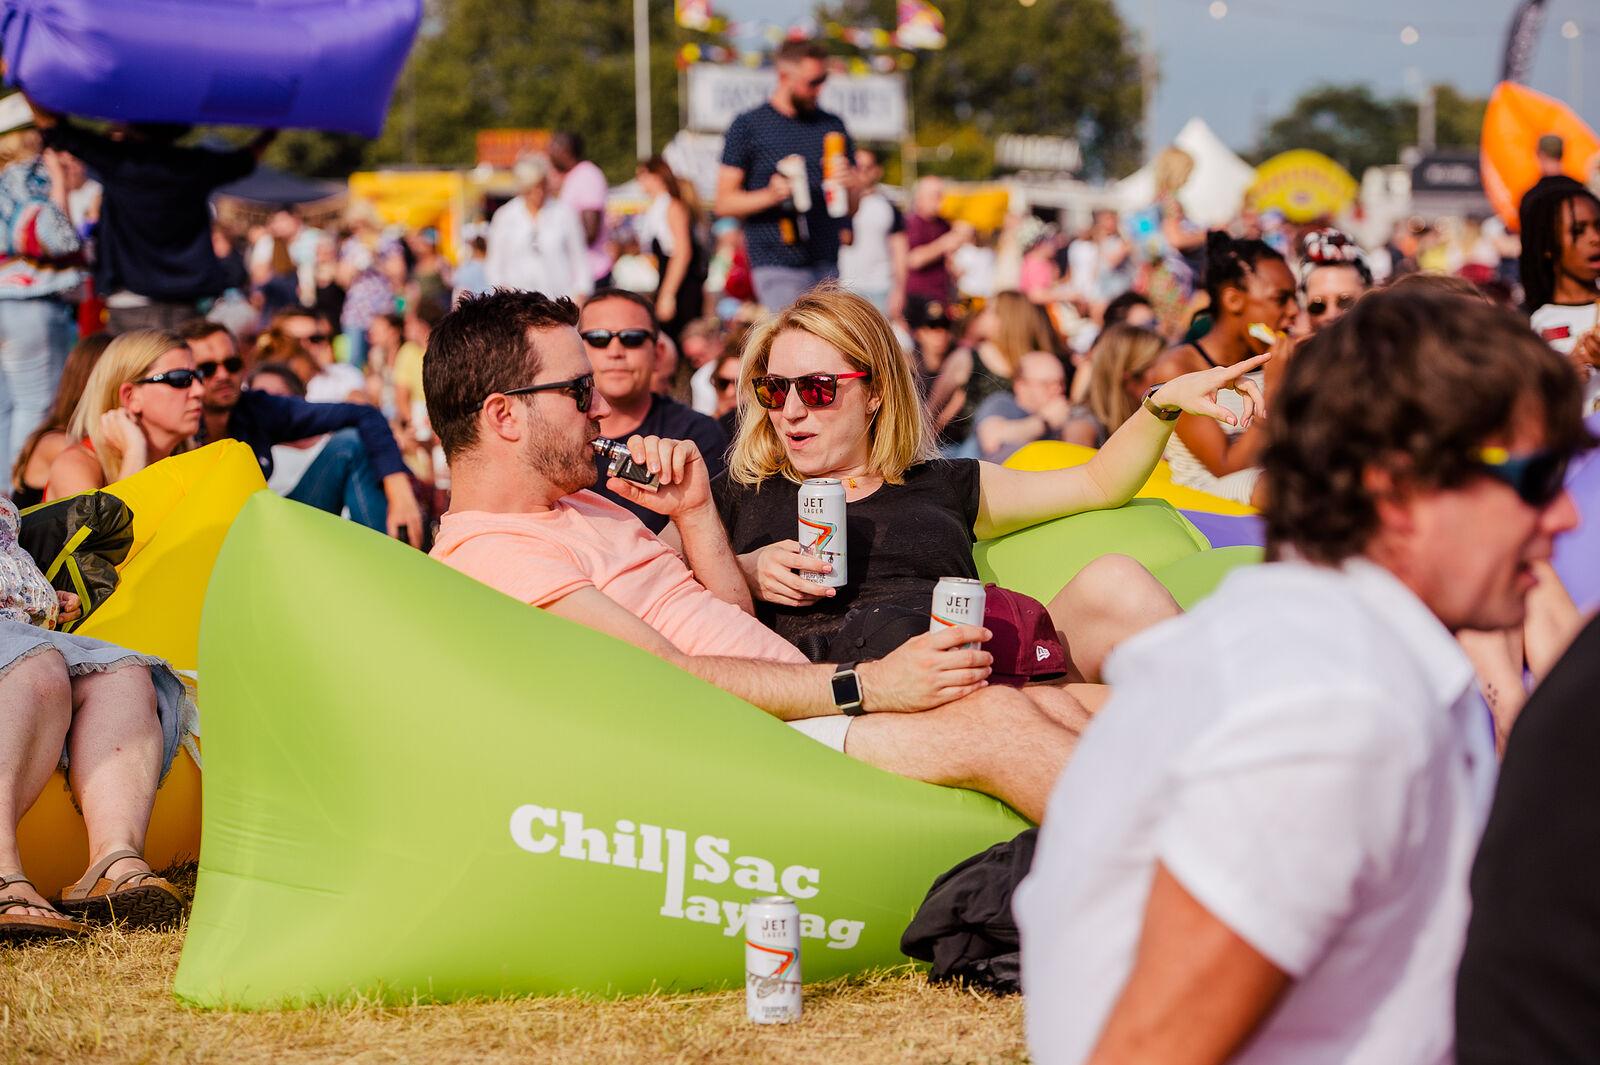 On Blackheath Festival